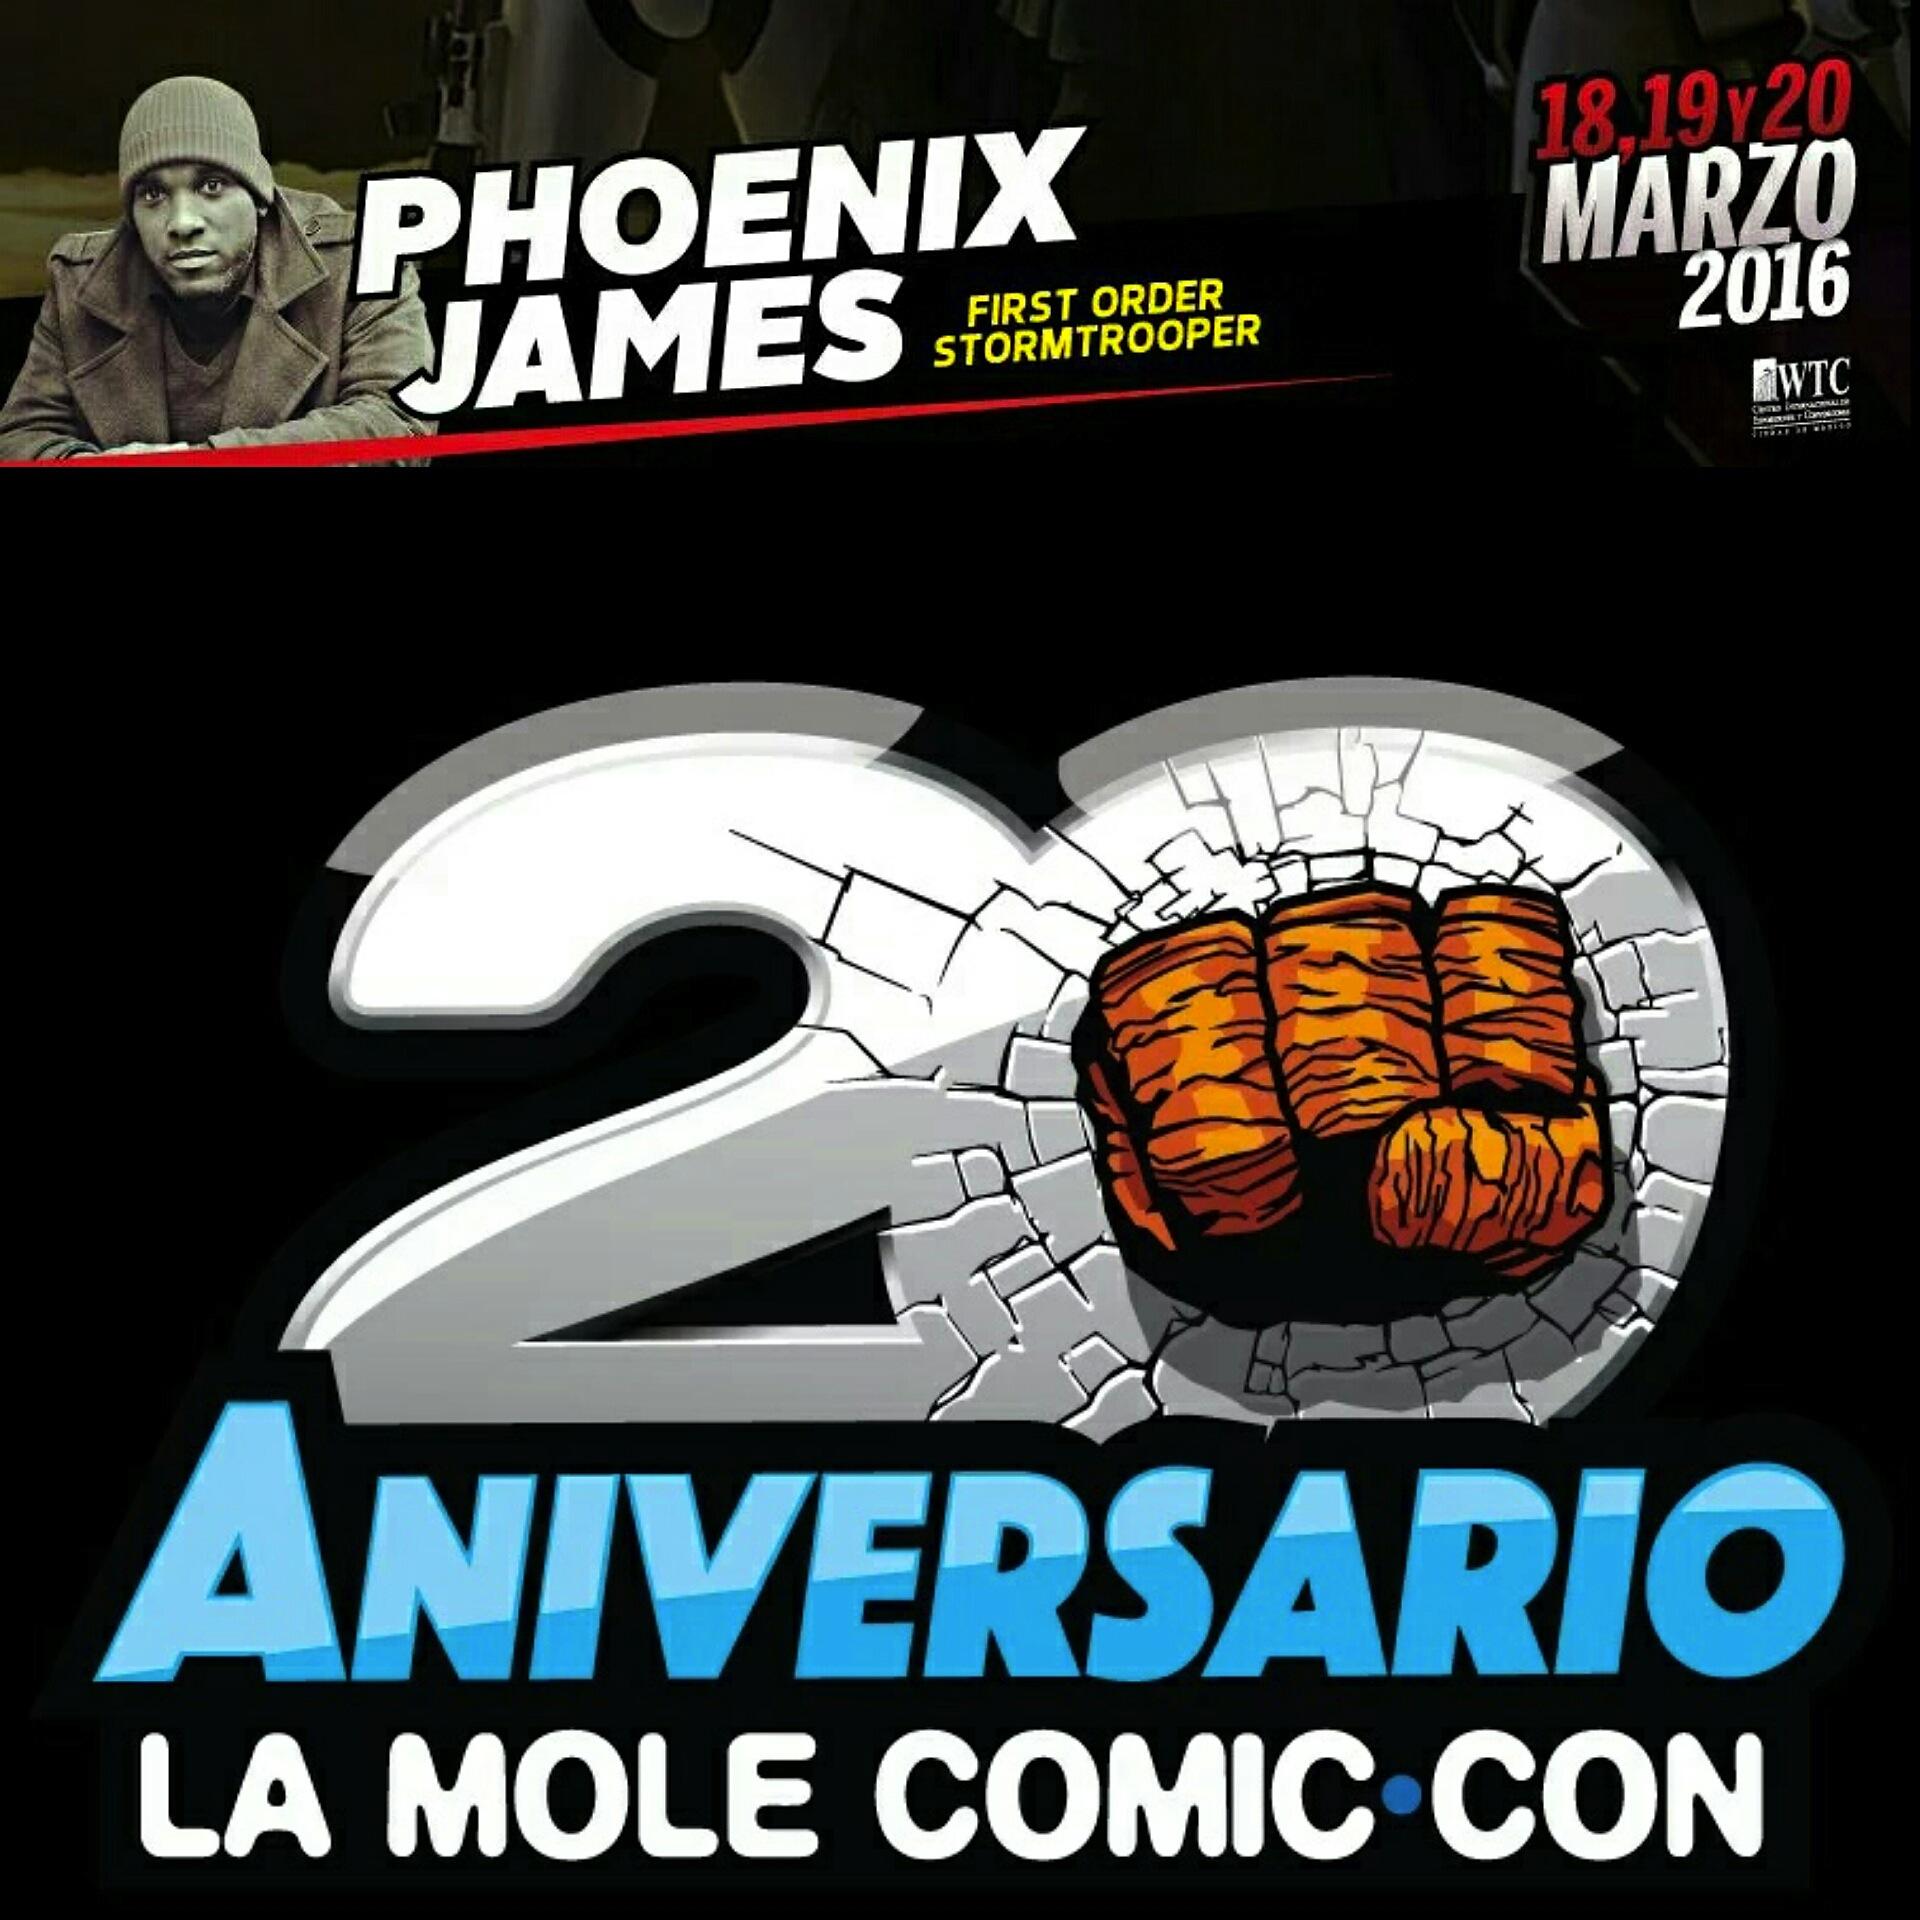 Phoenix James at La Mole Comic Con 20th Anniversary in Mexico